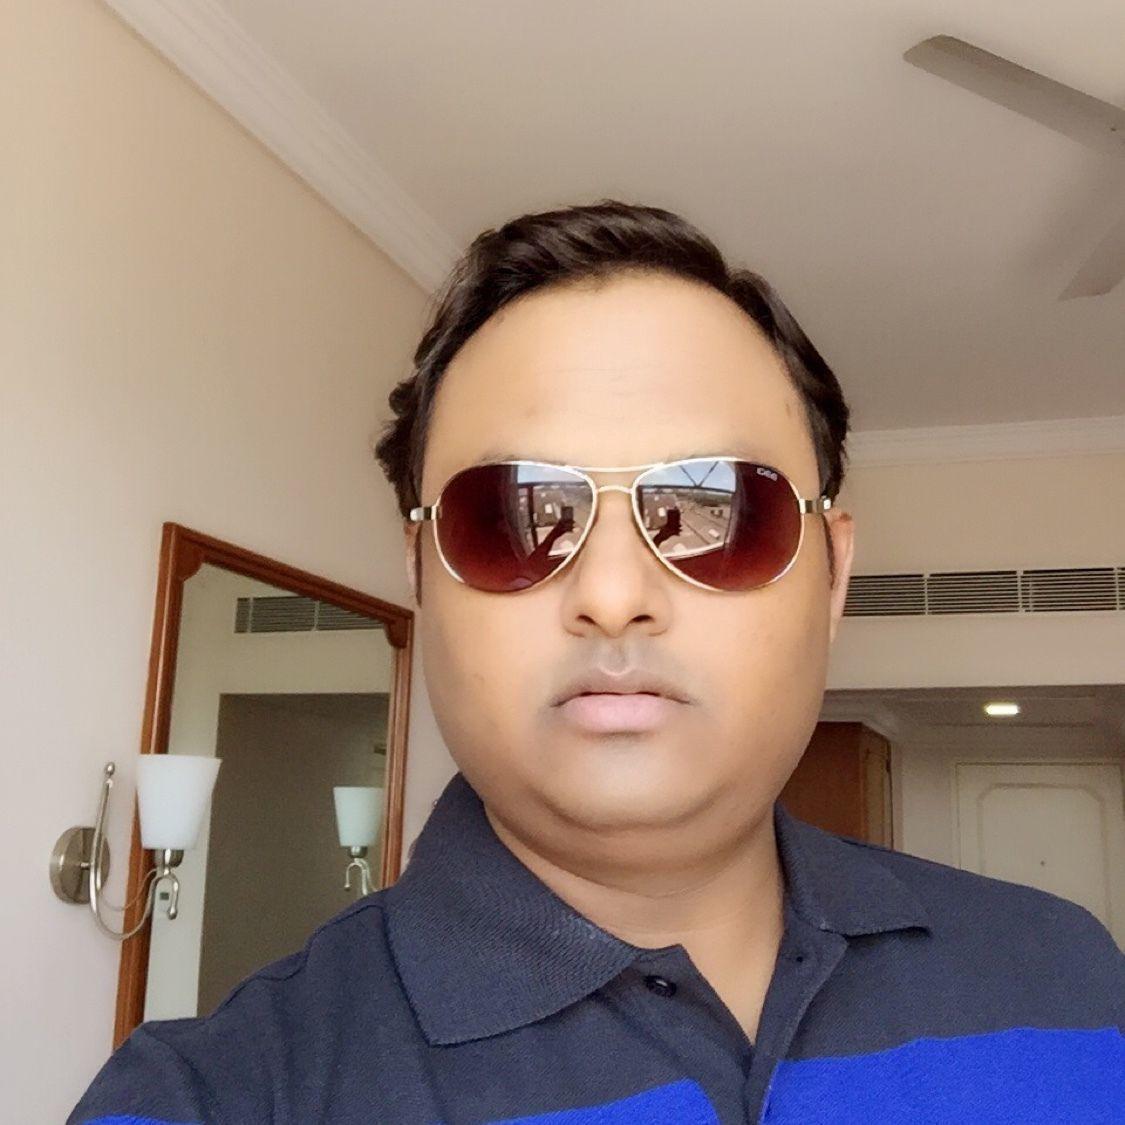 Personals in delhi ny Meerut gay dating topix,